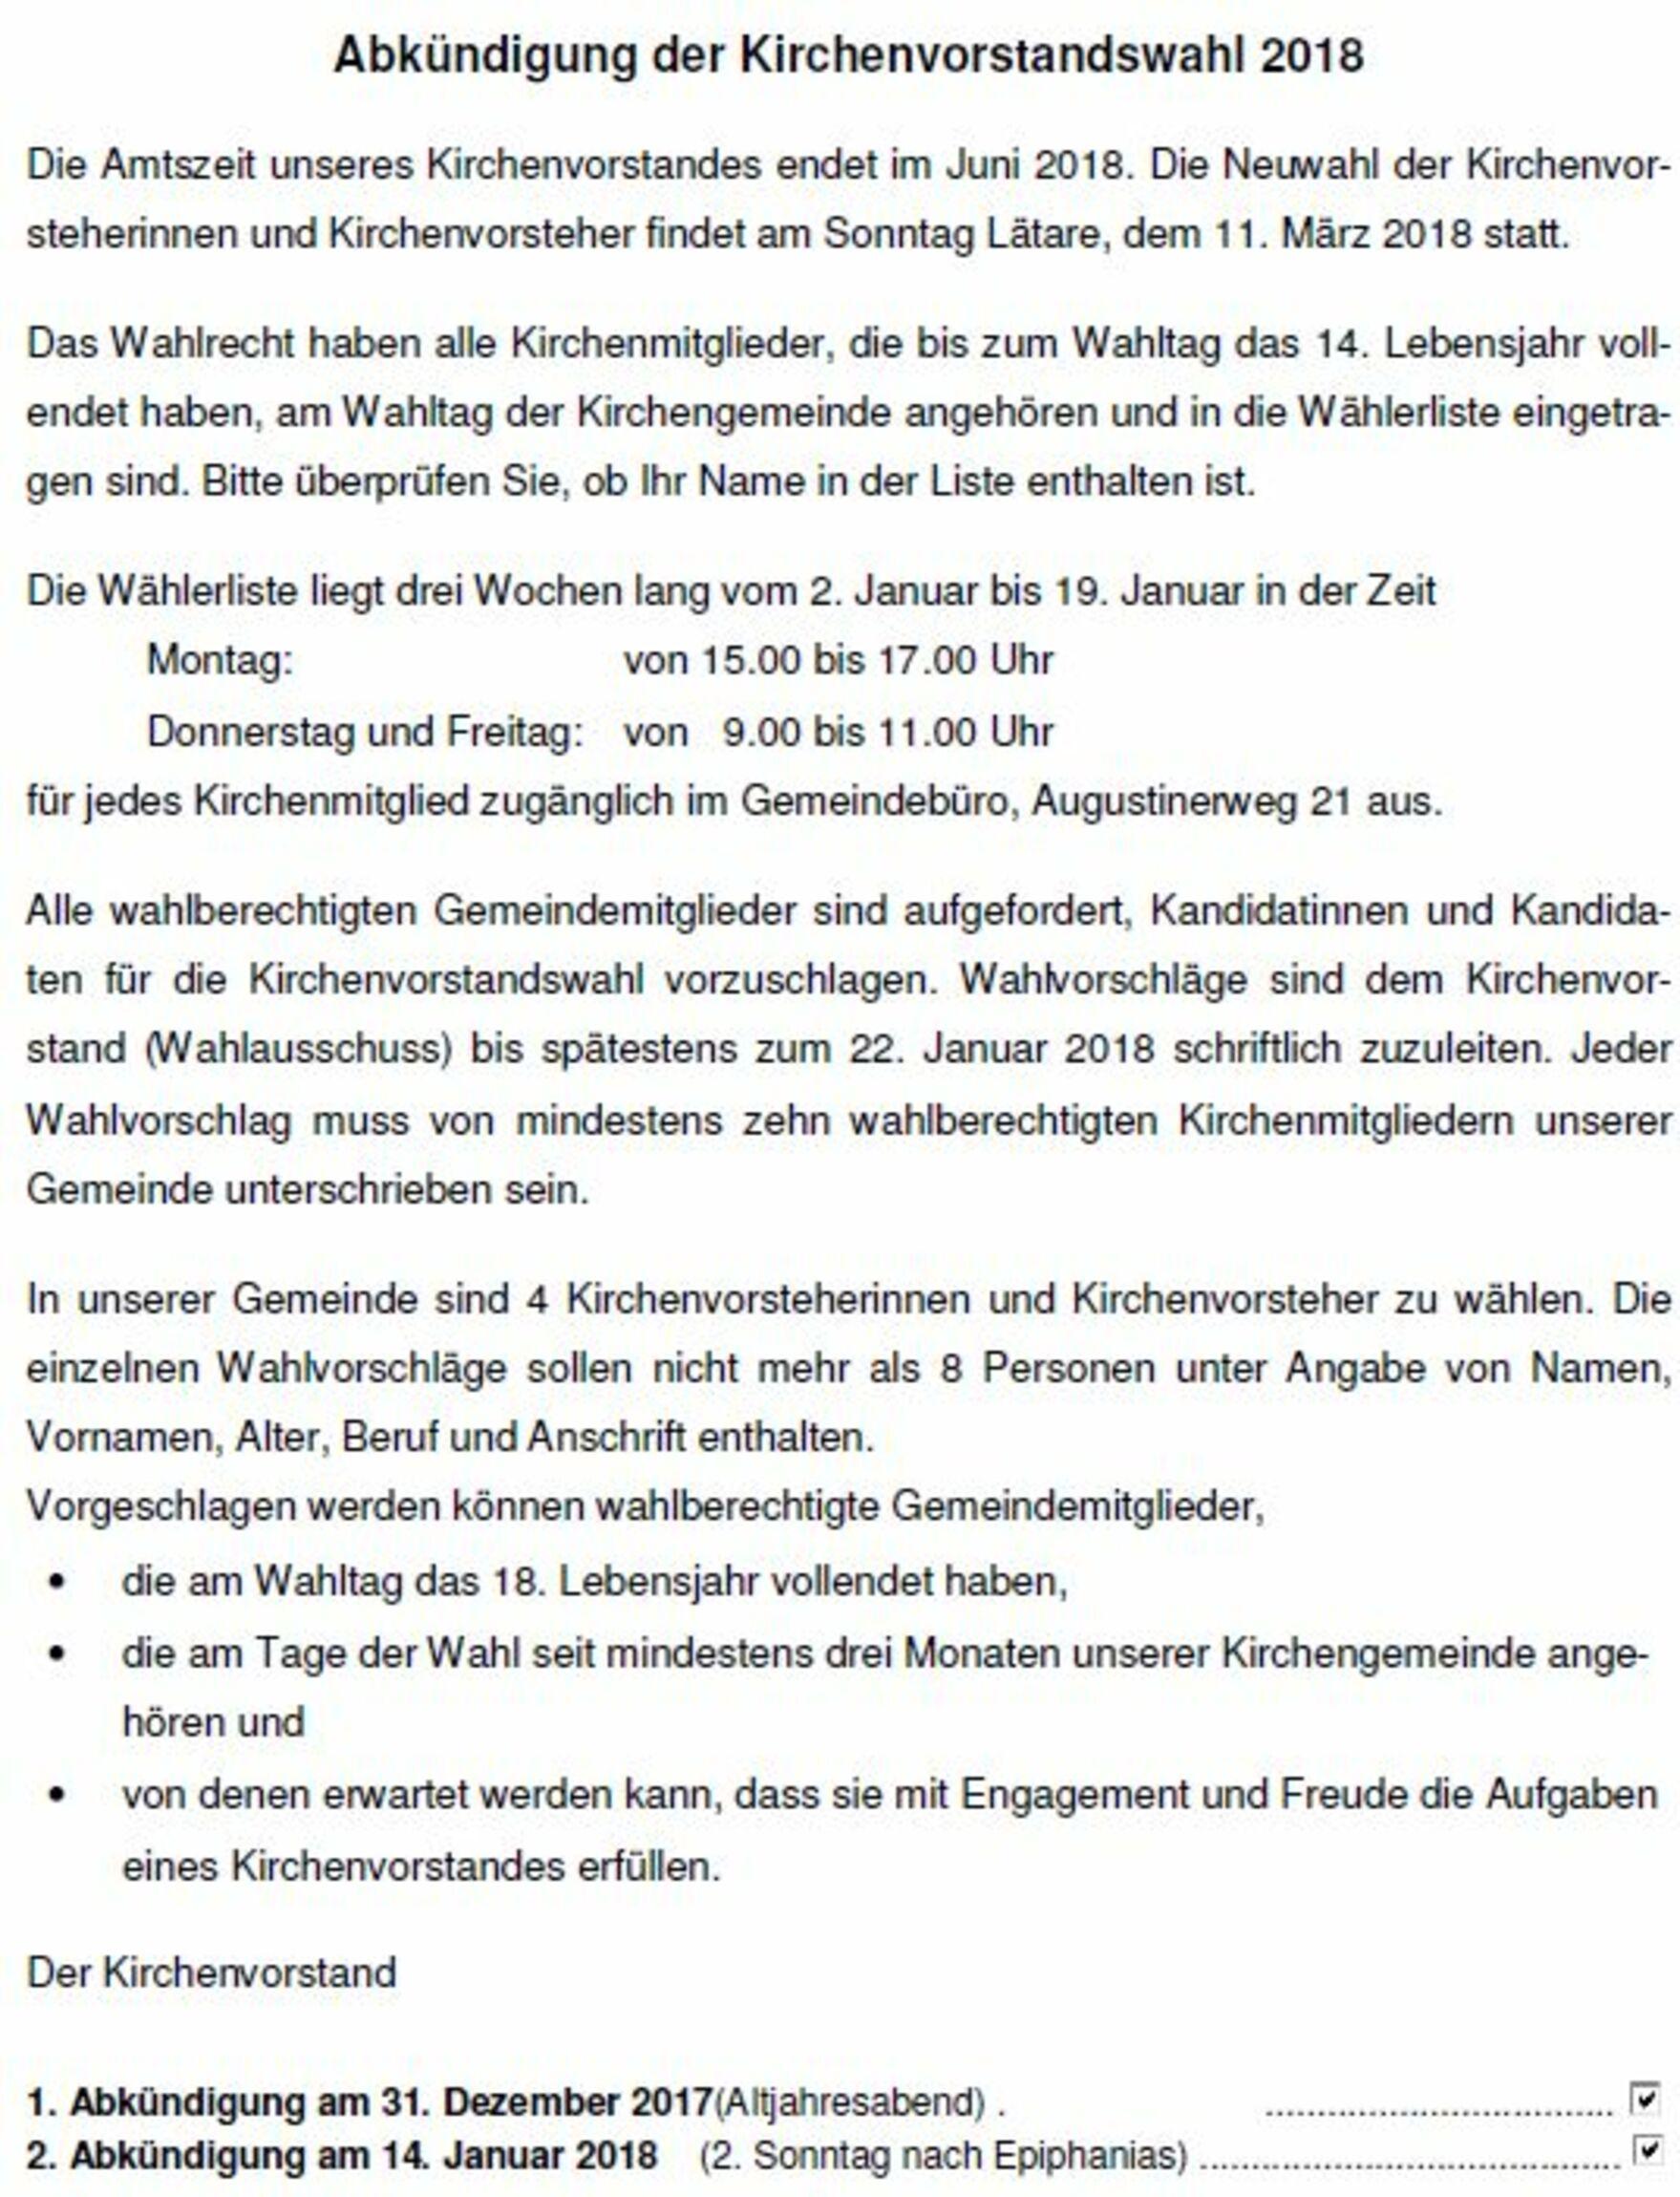 KV_Wahl_2018